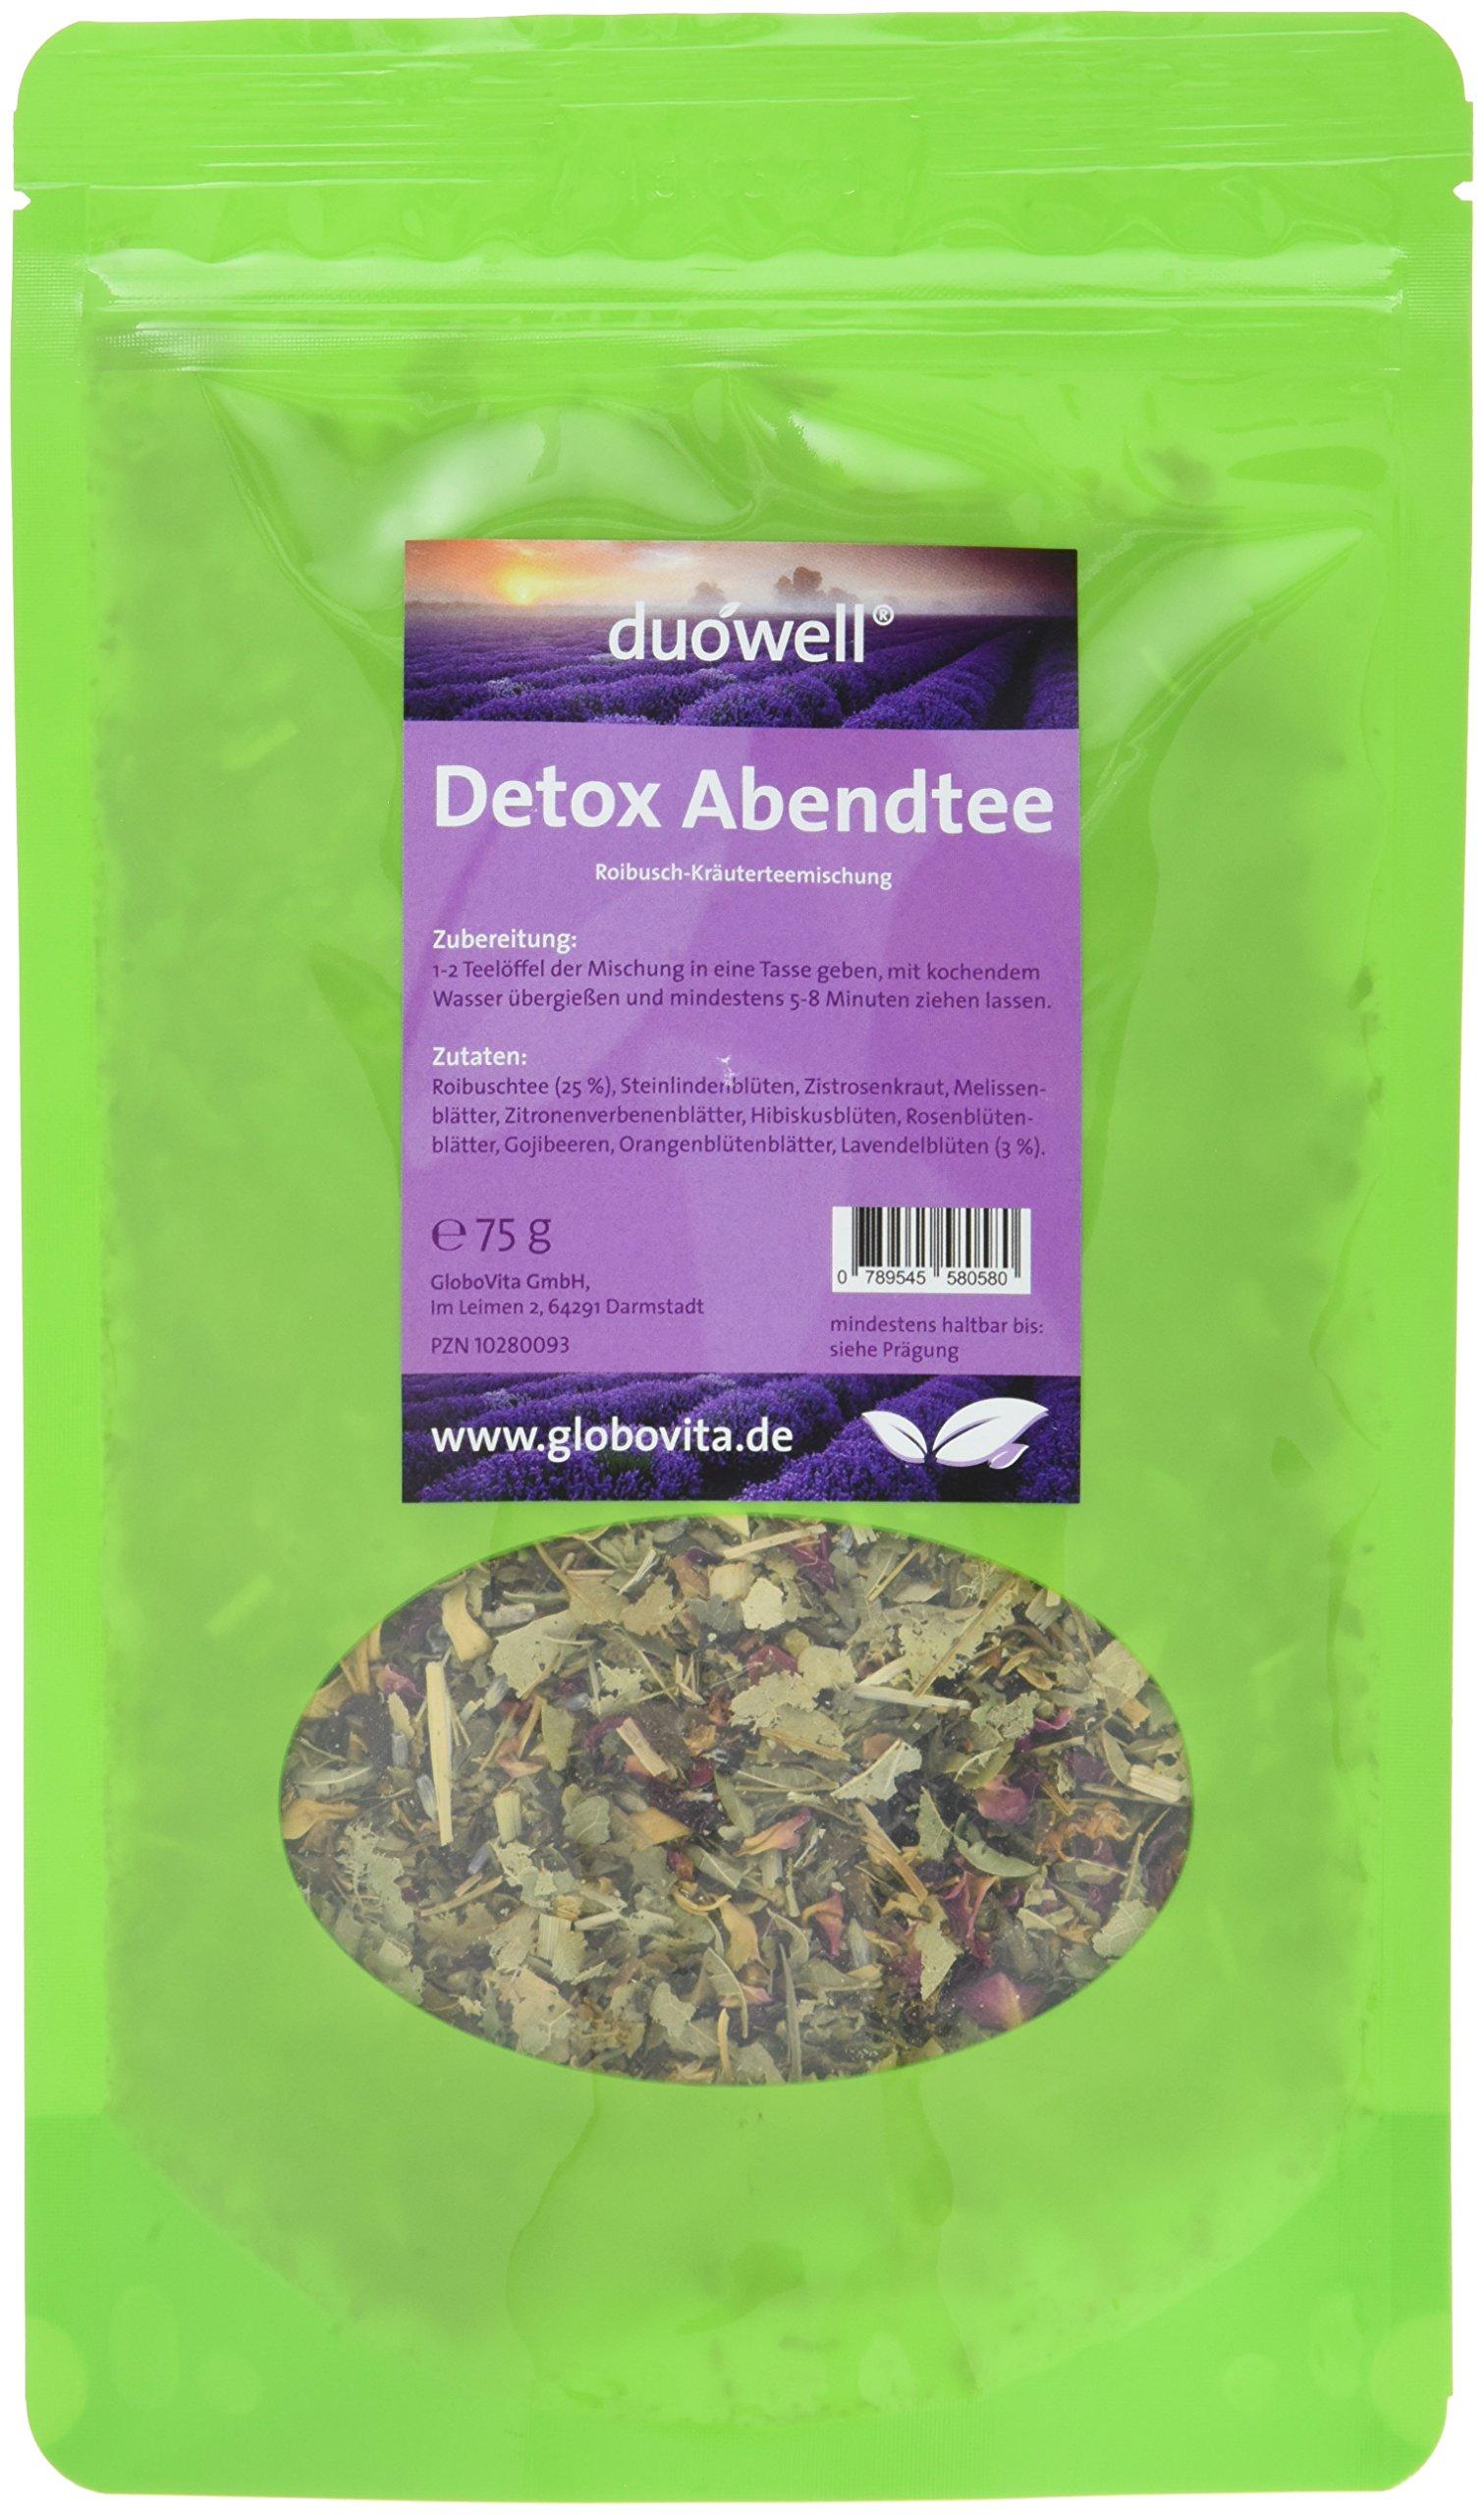 duwell-Detox-Abendtee-1er-Pack-1-x-75-g